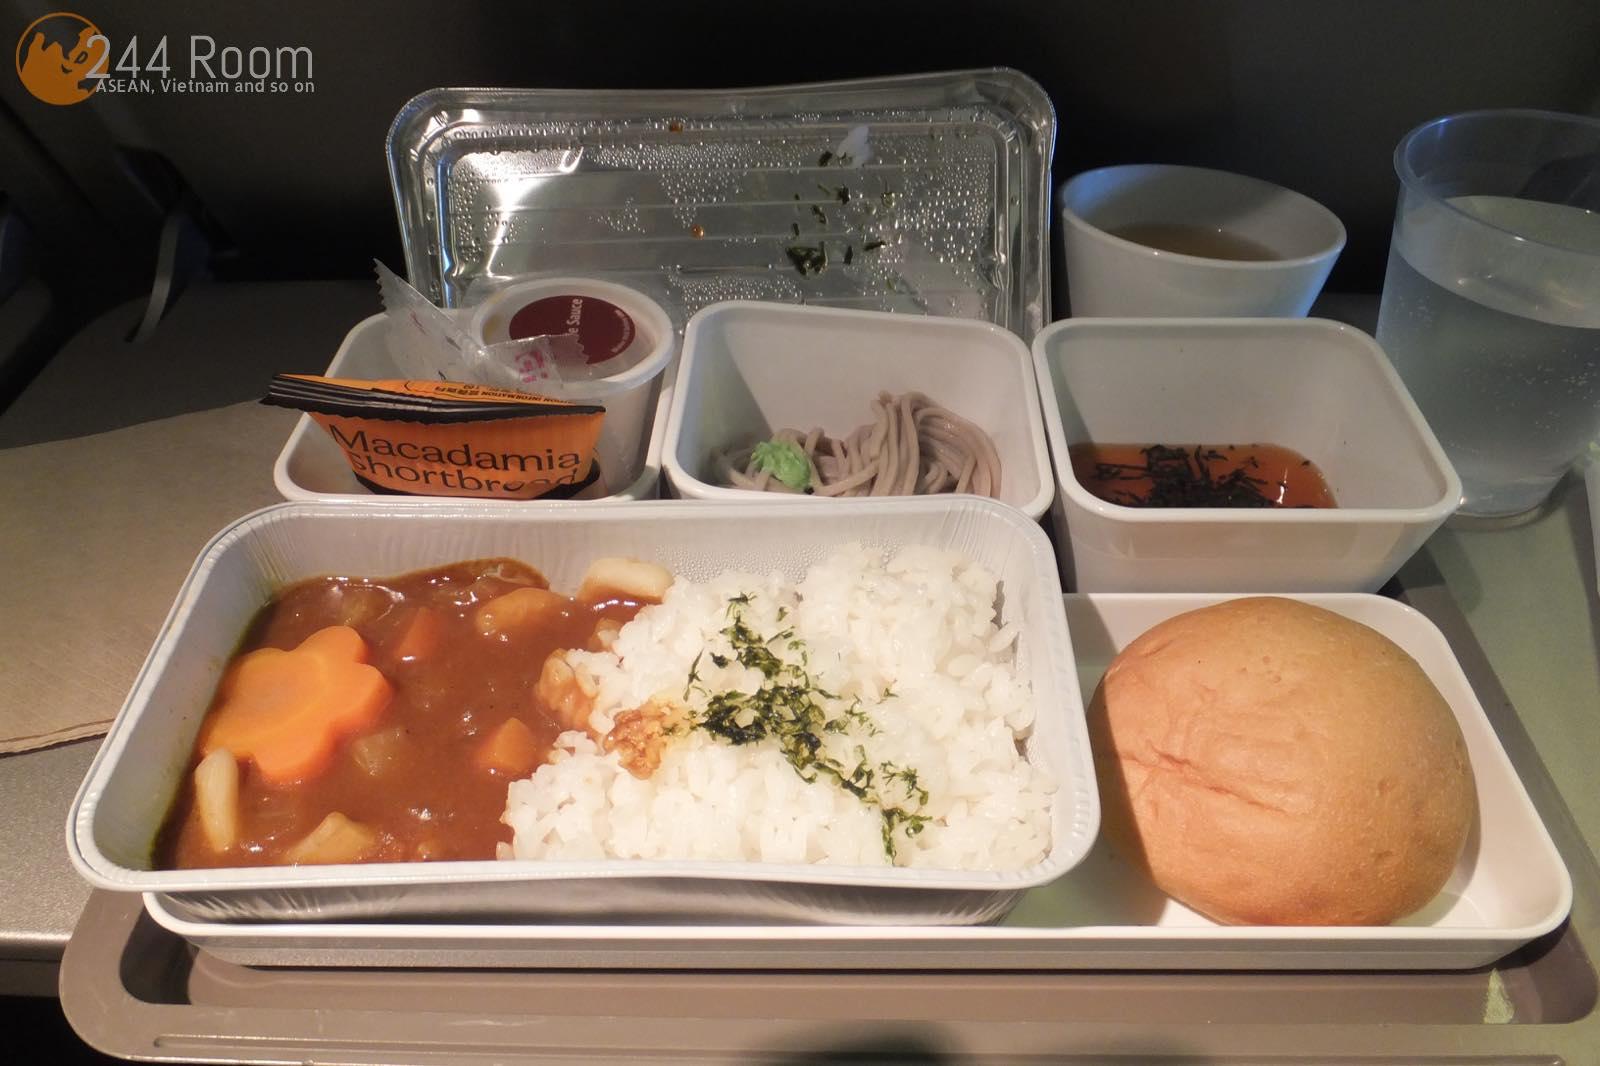 キャセイパシフィックエコノミー機内食 CX economyclass flight meal